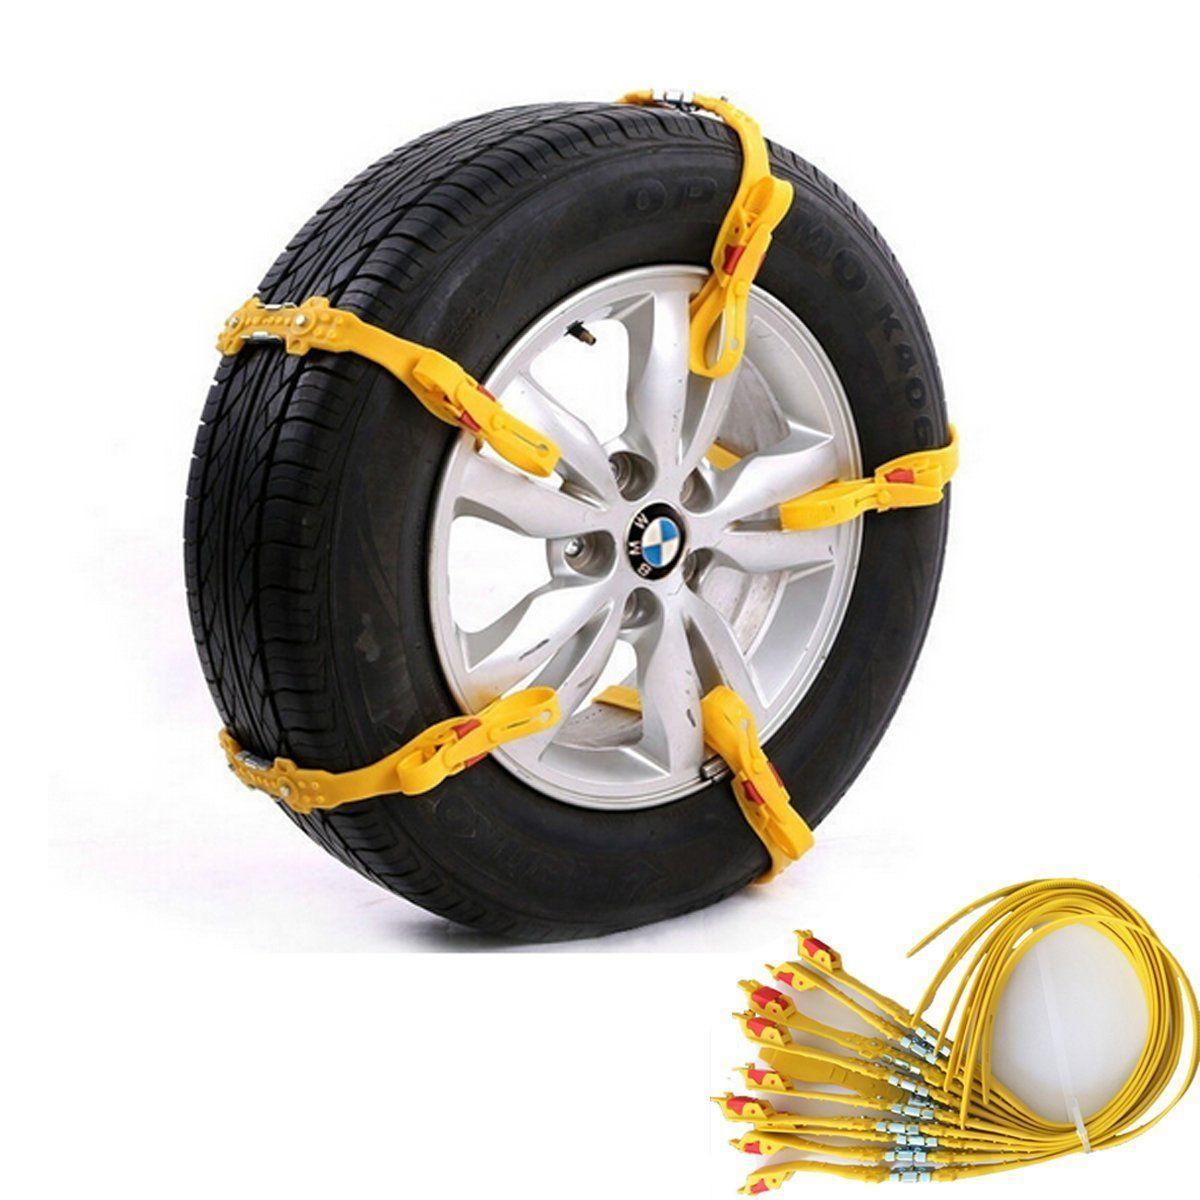 Voiture roue accessoires neige pneu anti-dérapant chaînes sécurité antidérapant universel 10 pièces